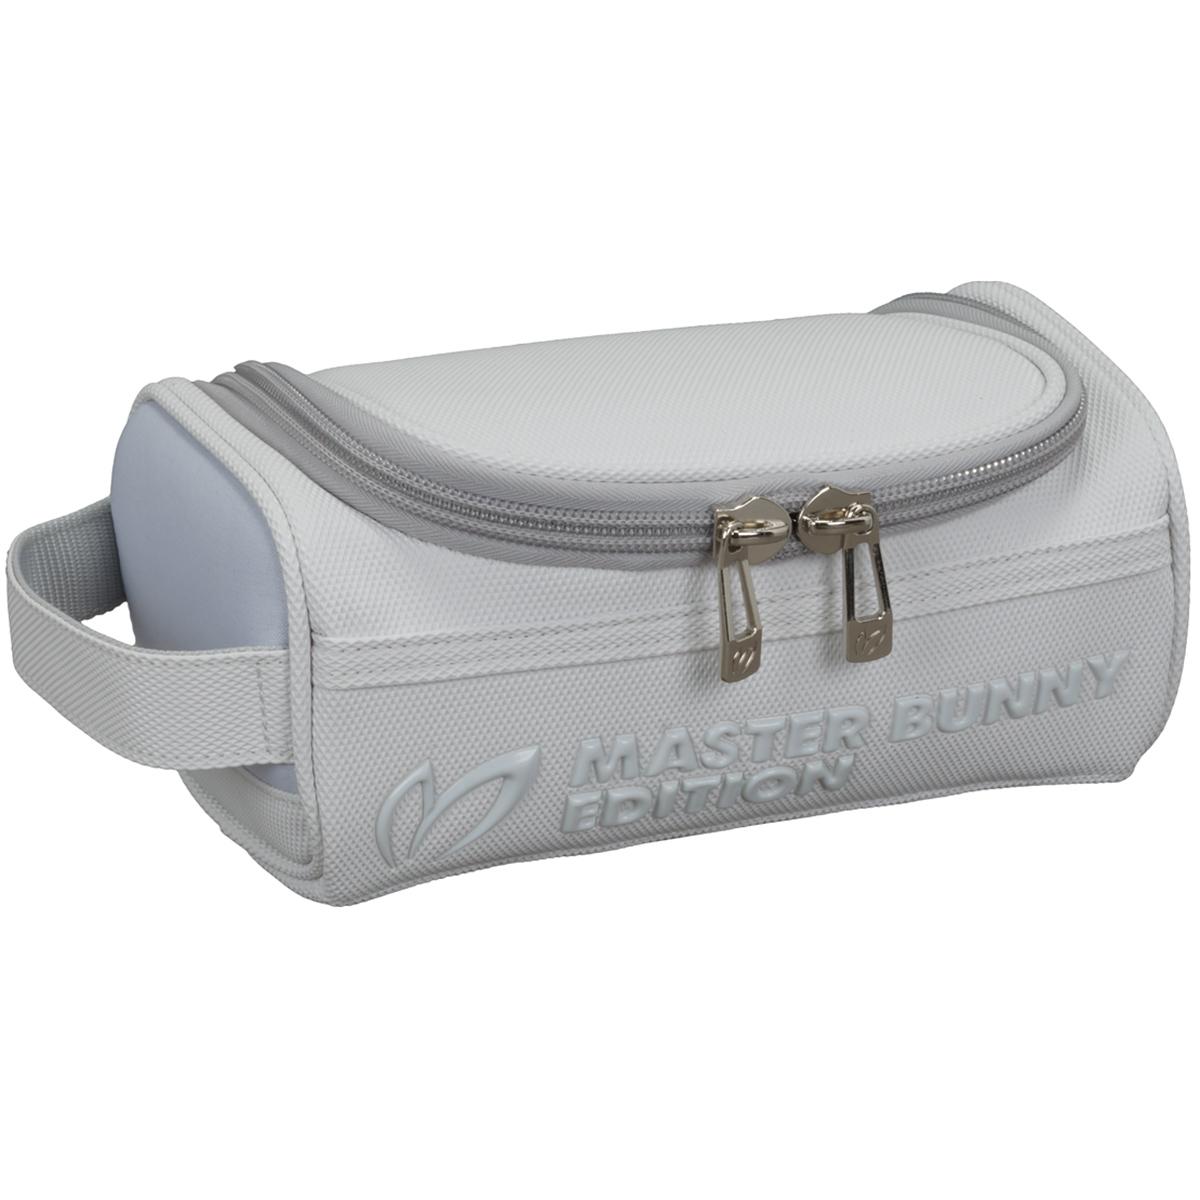 ネオプレーン カートバッグ